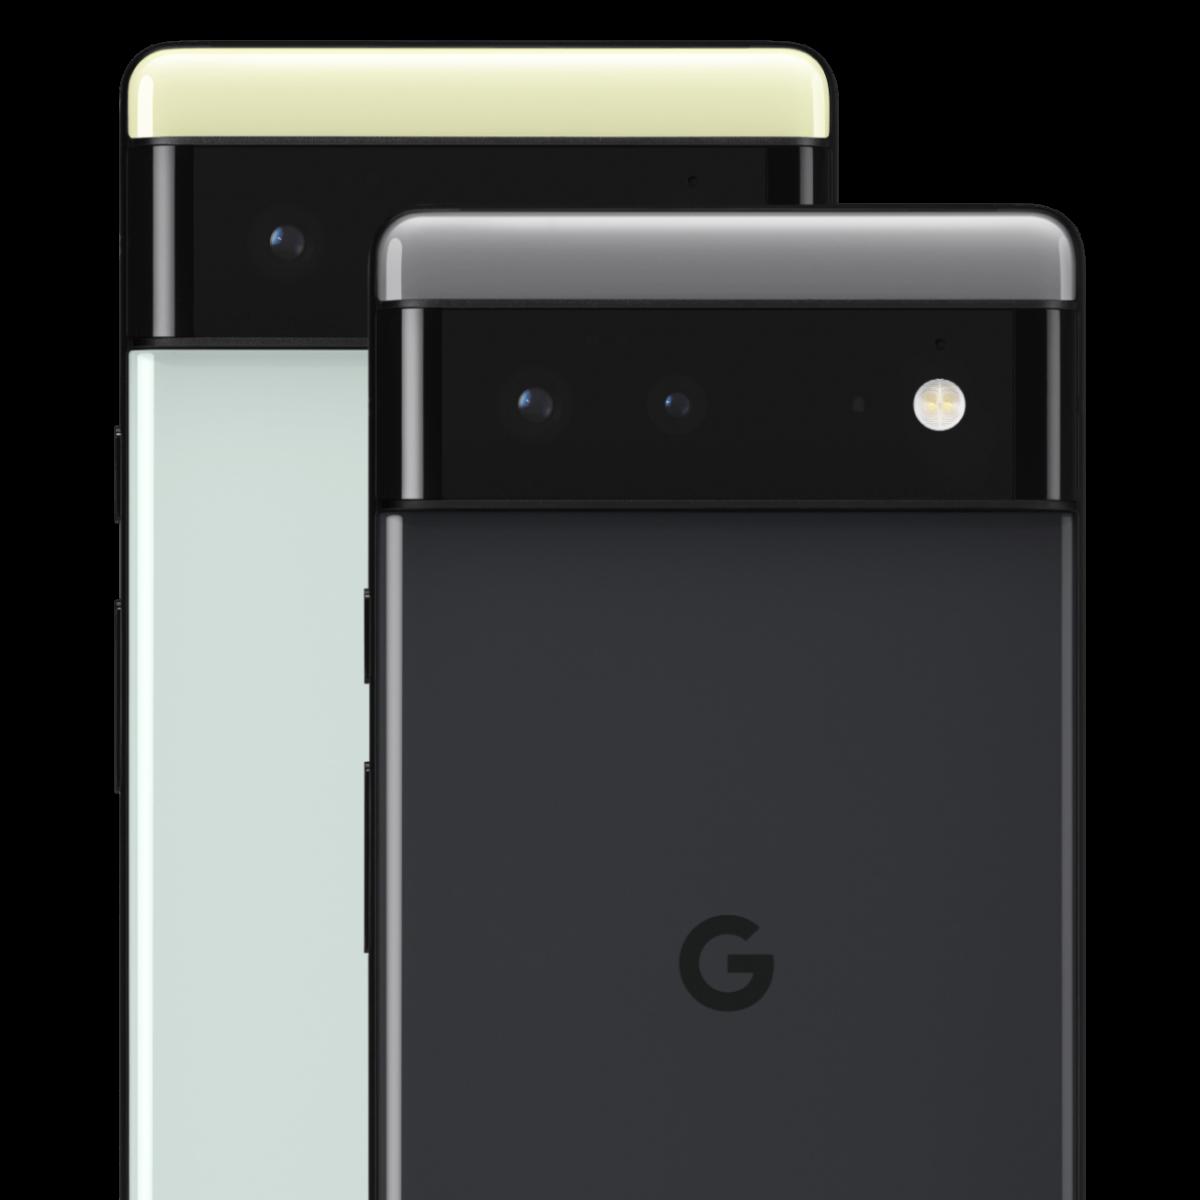 Google Pixel 6 et 6 Pro : design, prix, date de sortie, fiche technique… tout ce qu'on sait sur ces smartphones